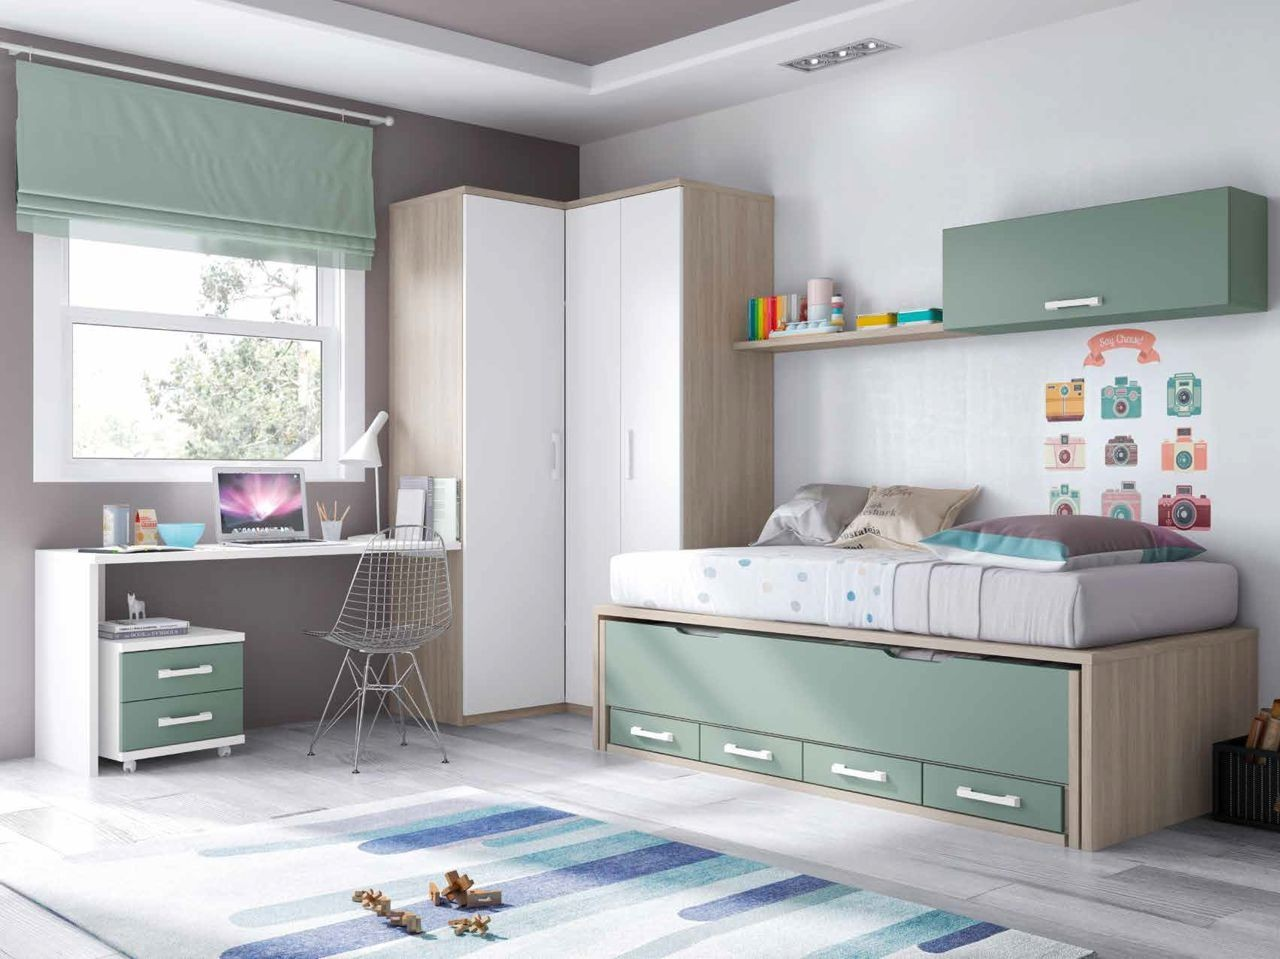 Dormitorio juvenil en color roble nrdico kaki y blanco